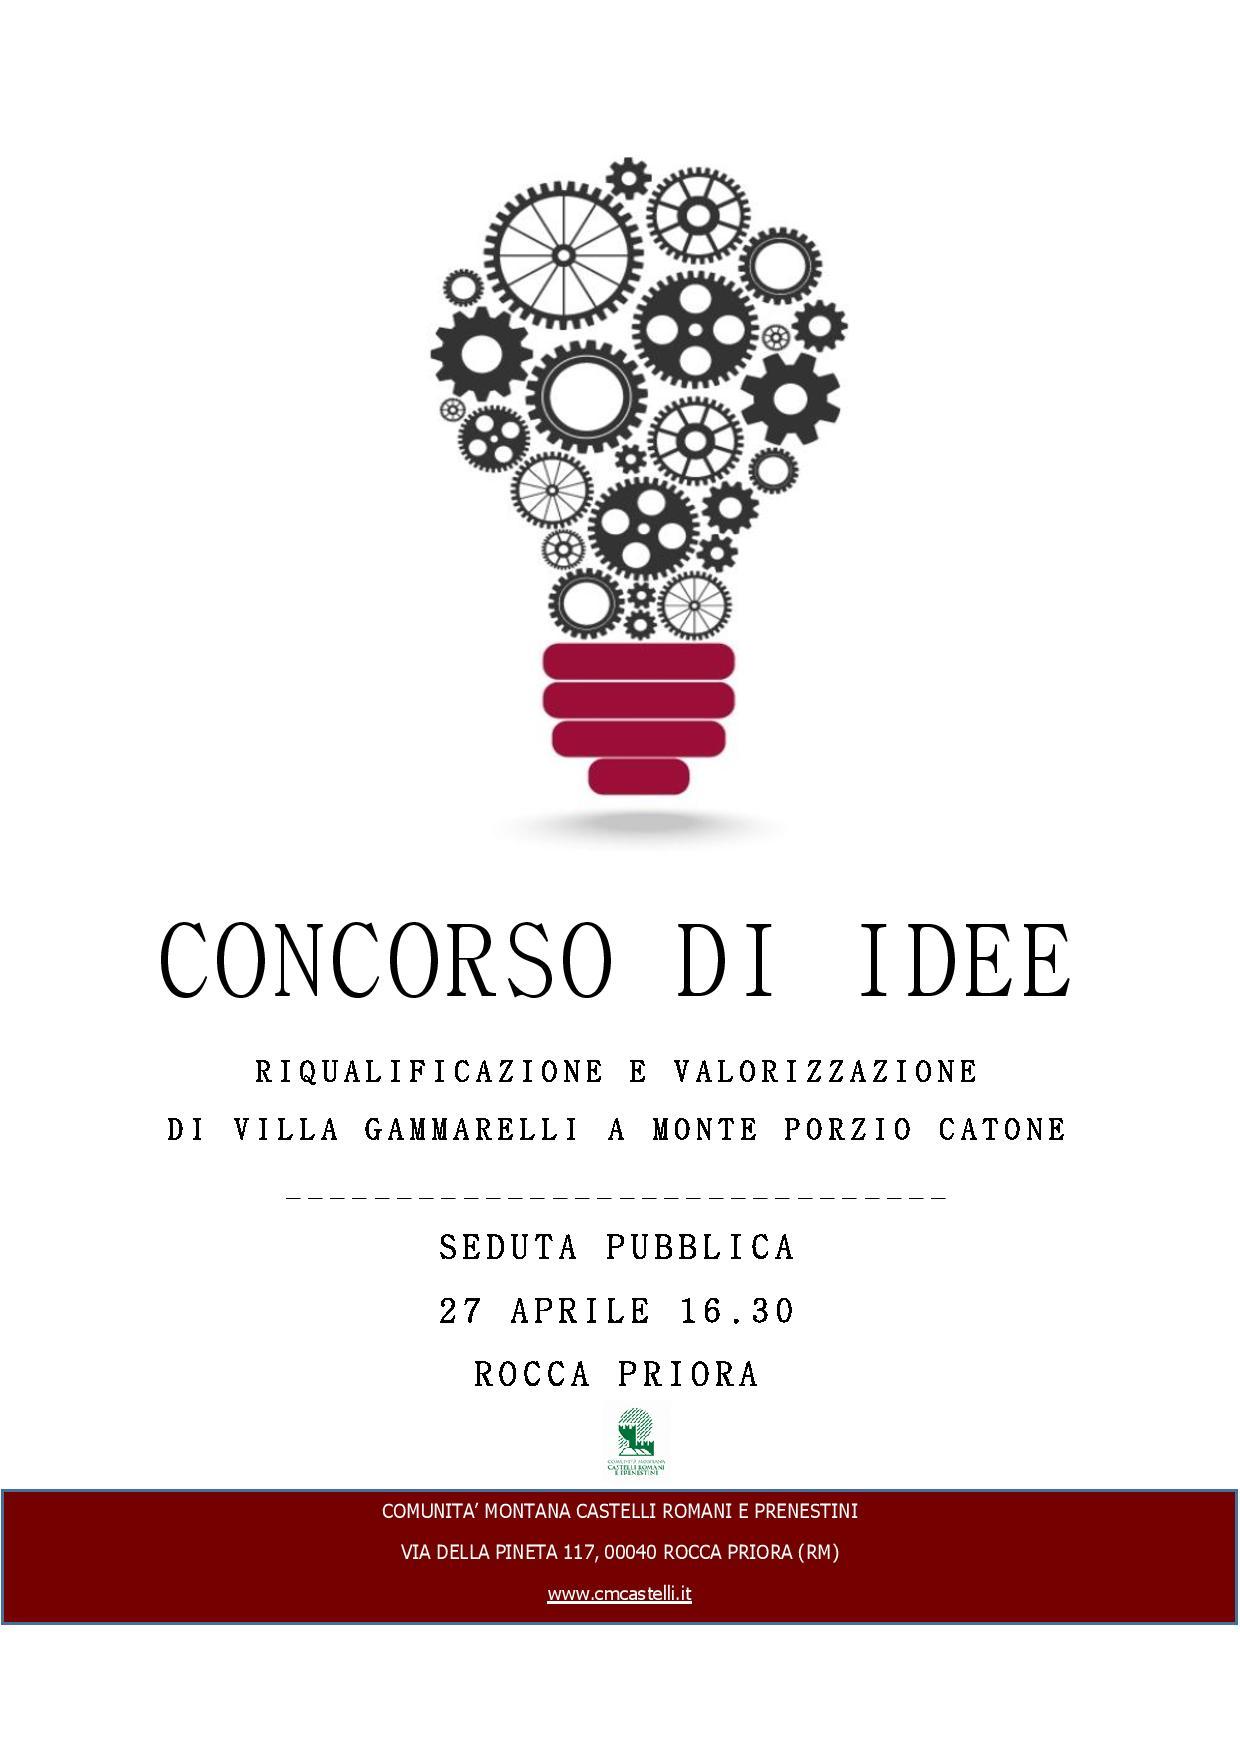 CONCORSO DI IDEE-page-001 (1)